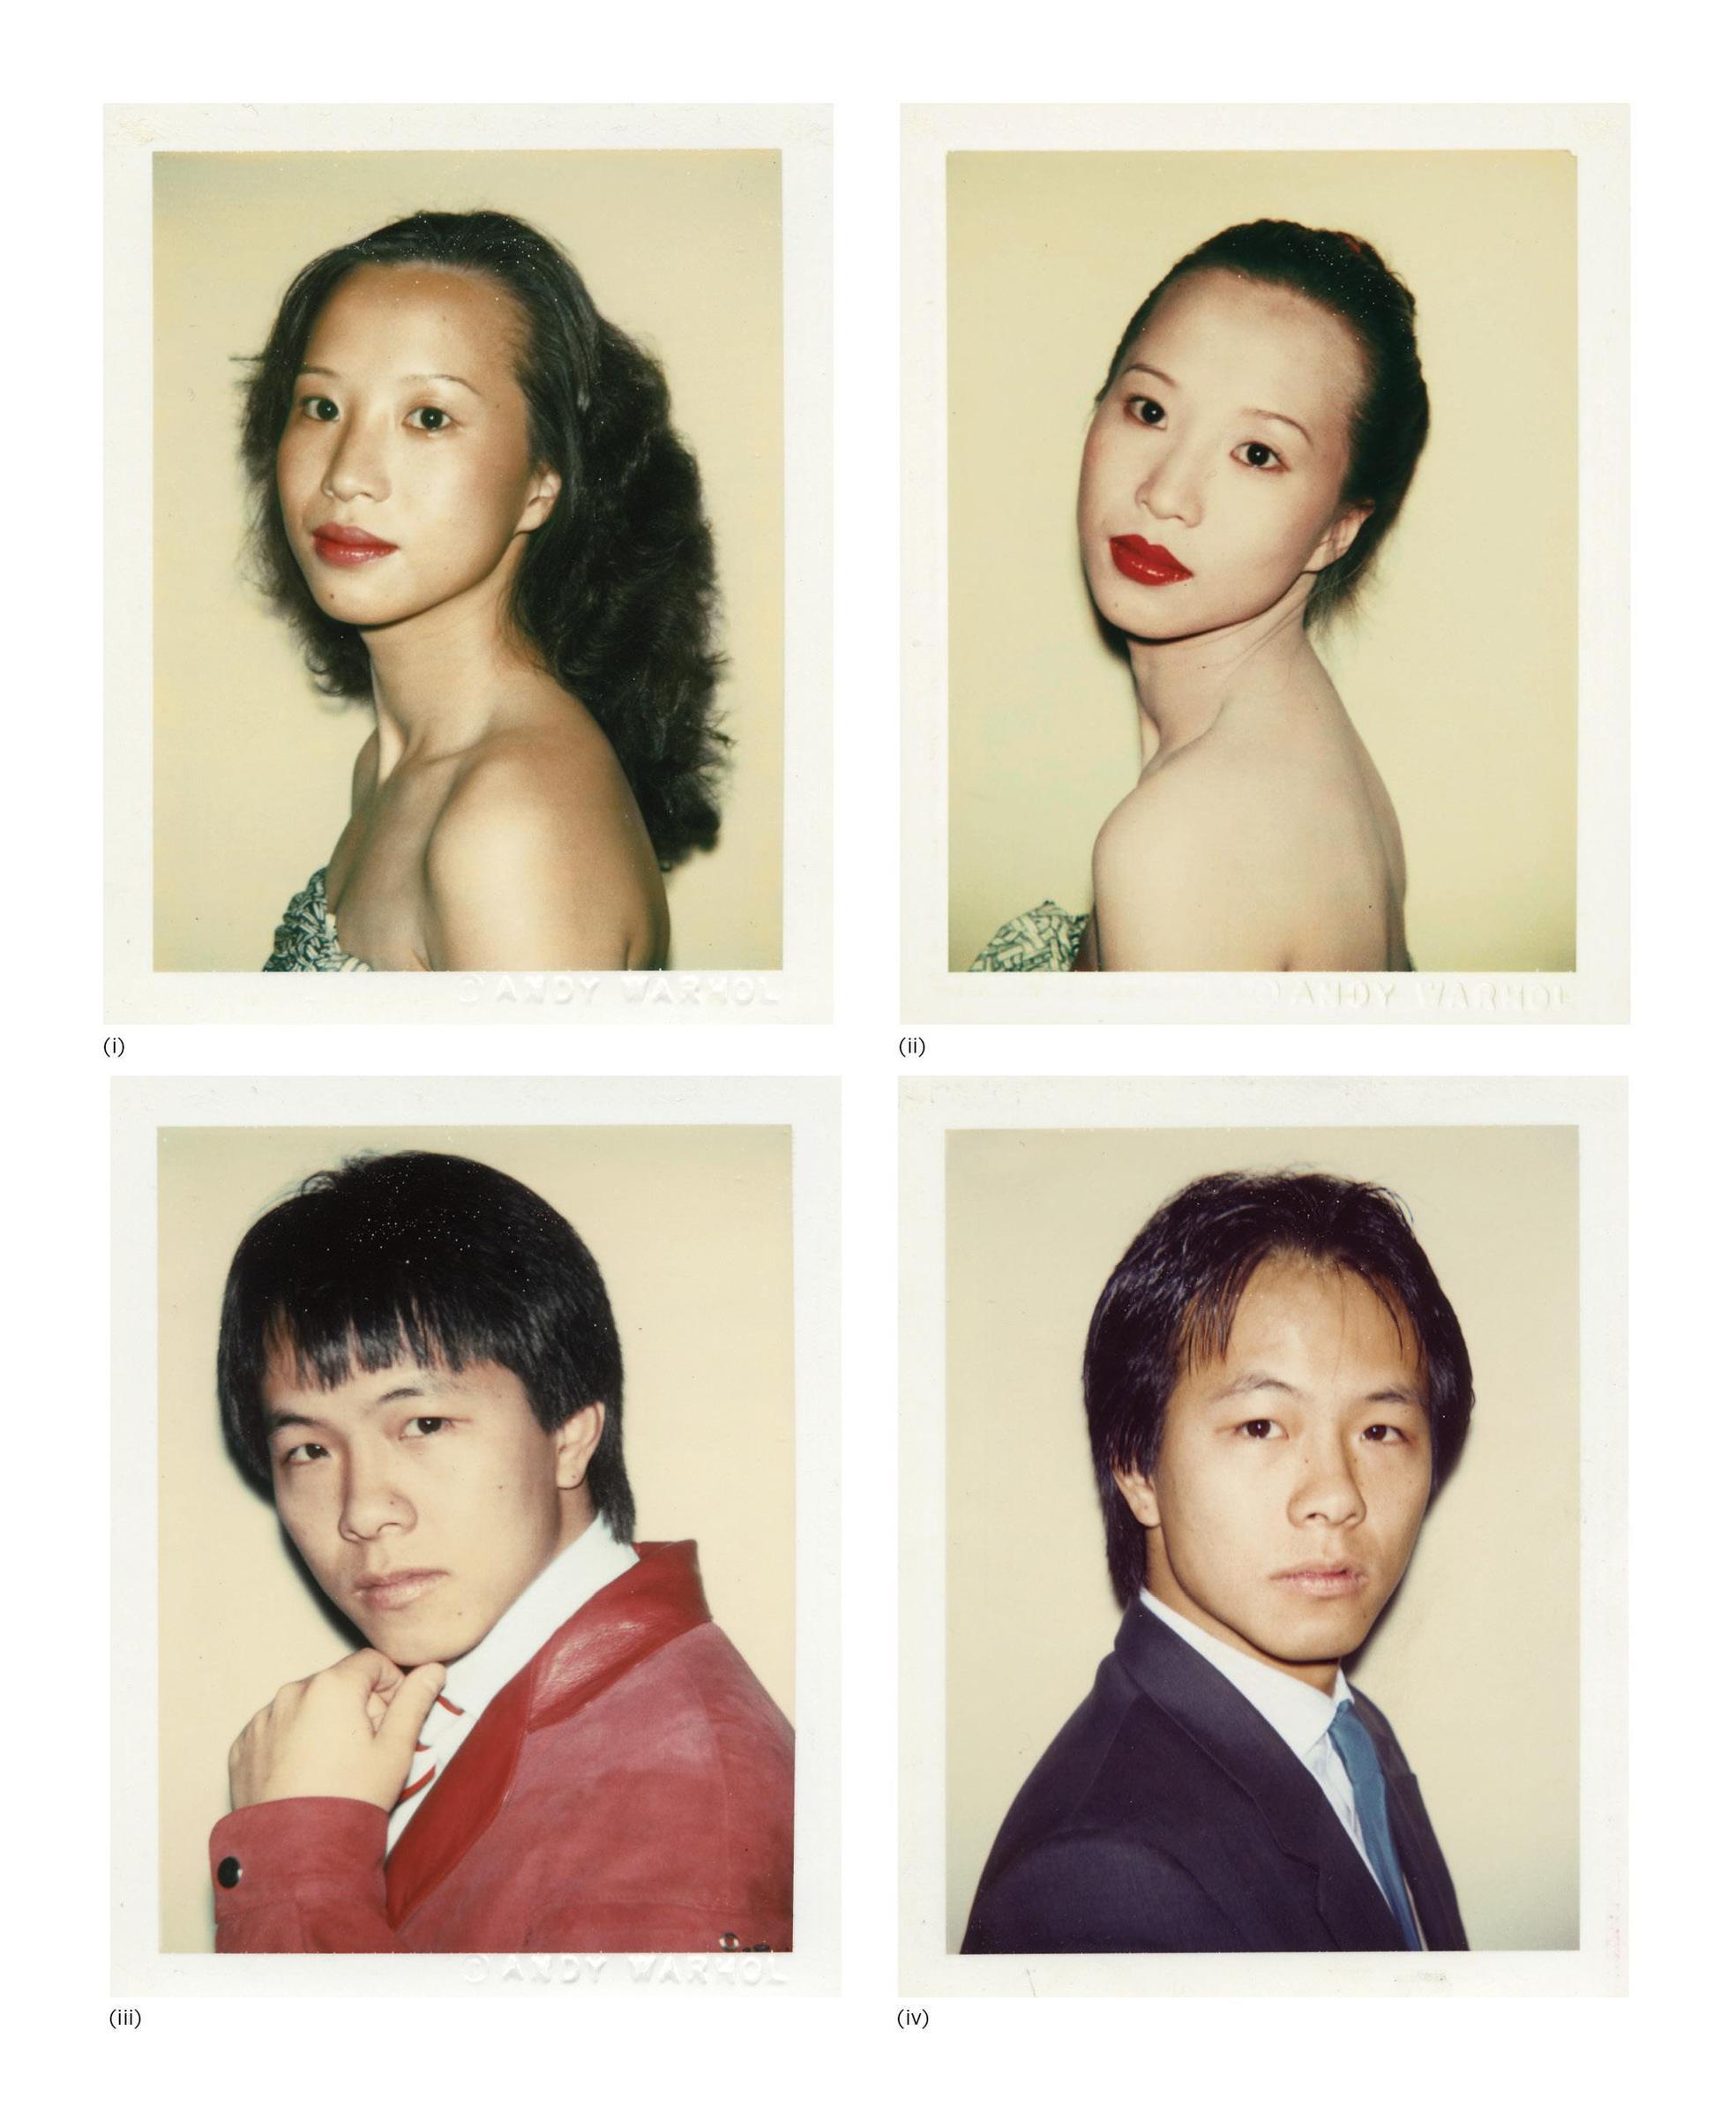 Andy Warhol-Four Works: (I) Julianna Siu; (II) Julianna Siu; (III) Alfred Siu; (IV) Alfred Siu-1982